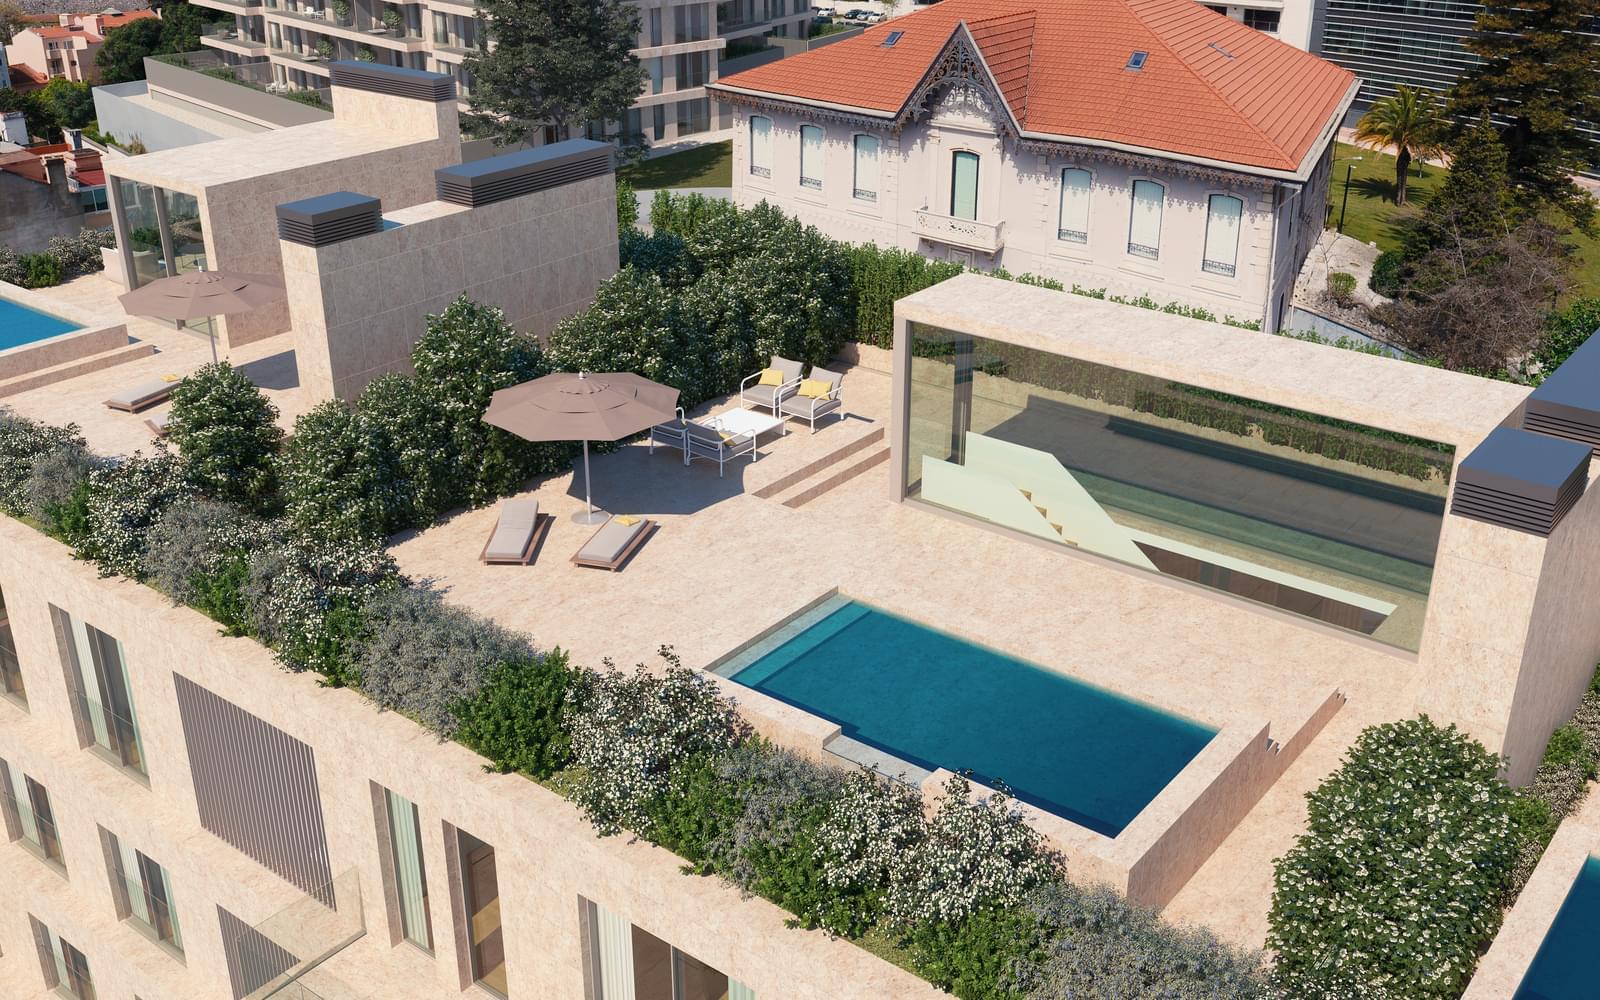 amoreiras-residence-3f4ab0c5-e3ff-466d-a8f0-9f9c7ecb6972